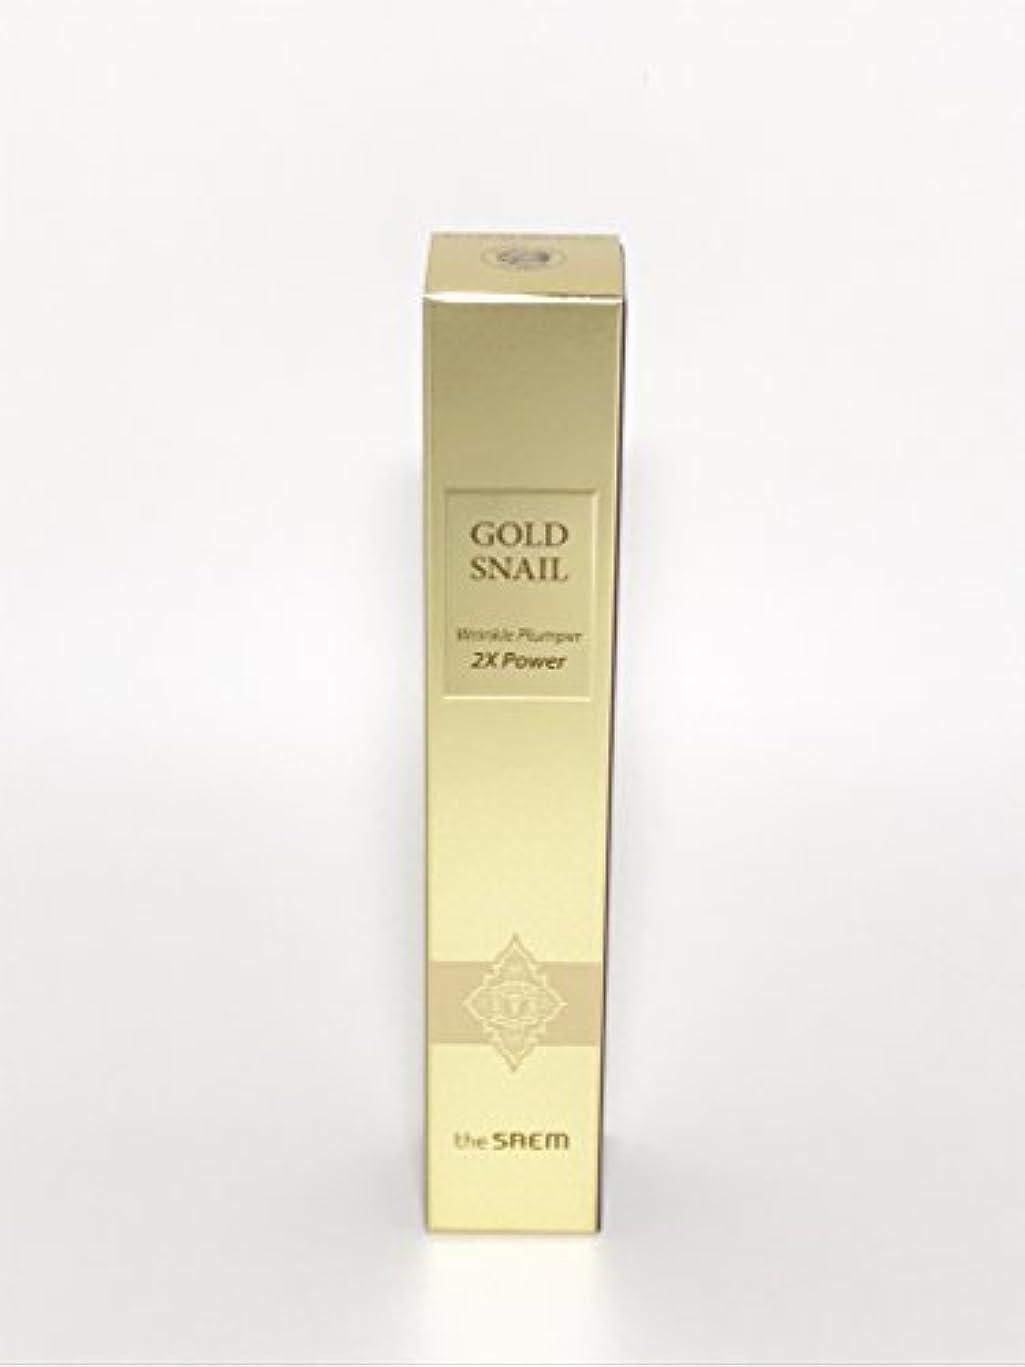 はがき好意的依存GOLD SNAIL Wrinkle Plumper 2×Power ゴールドスネイル リンクルプランパー 2×パワー【並行輸入品】